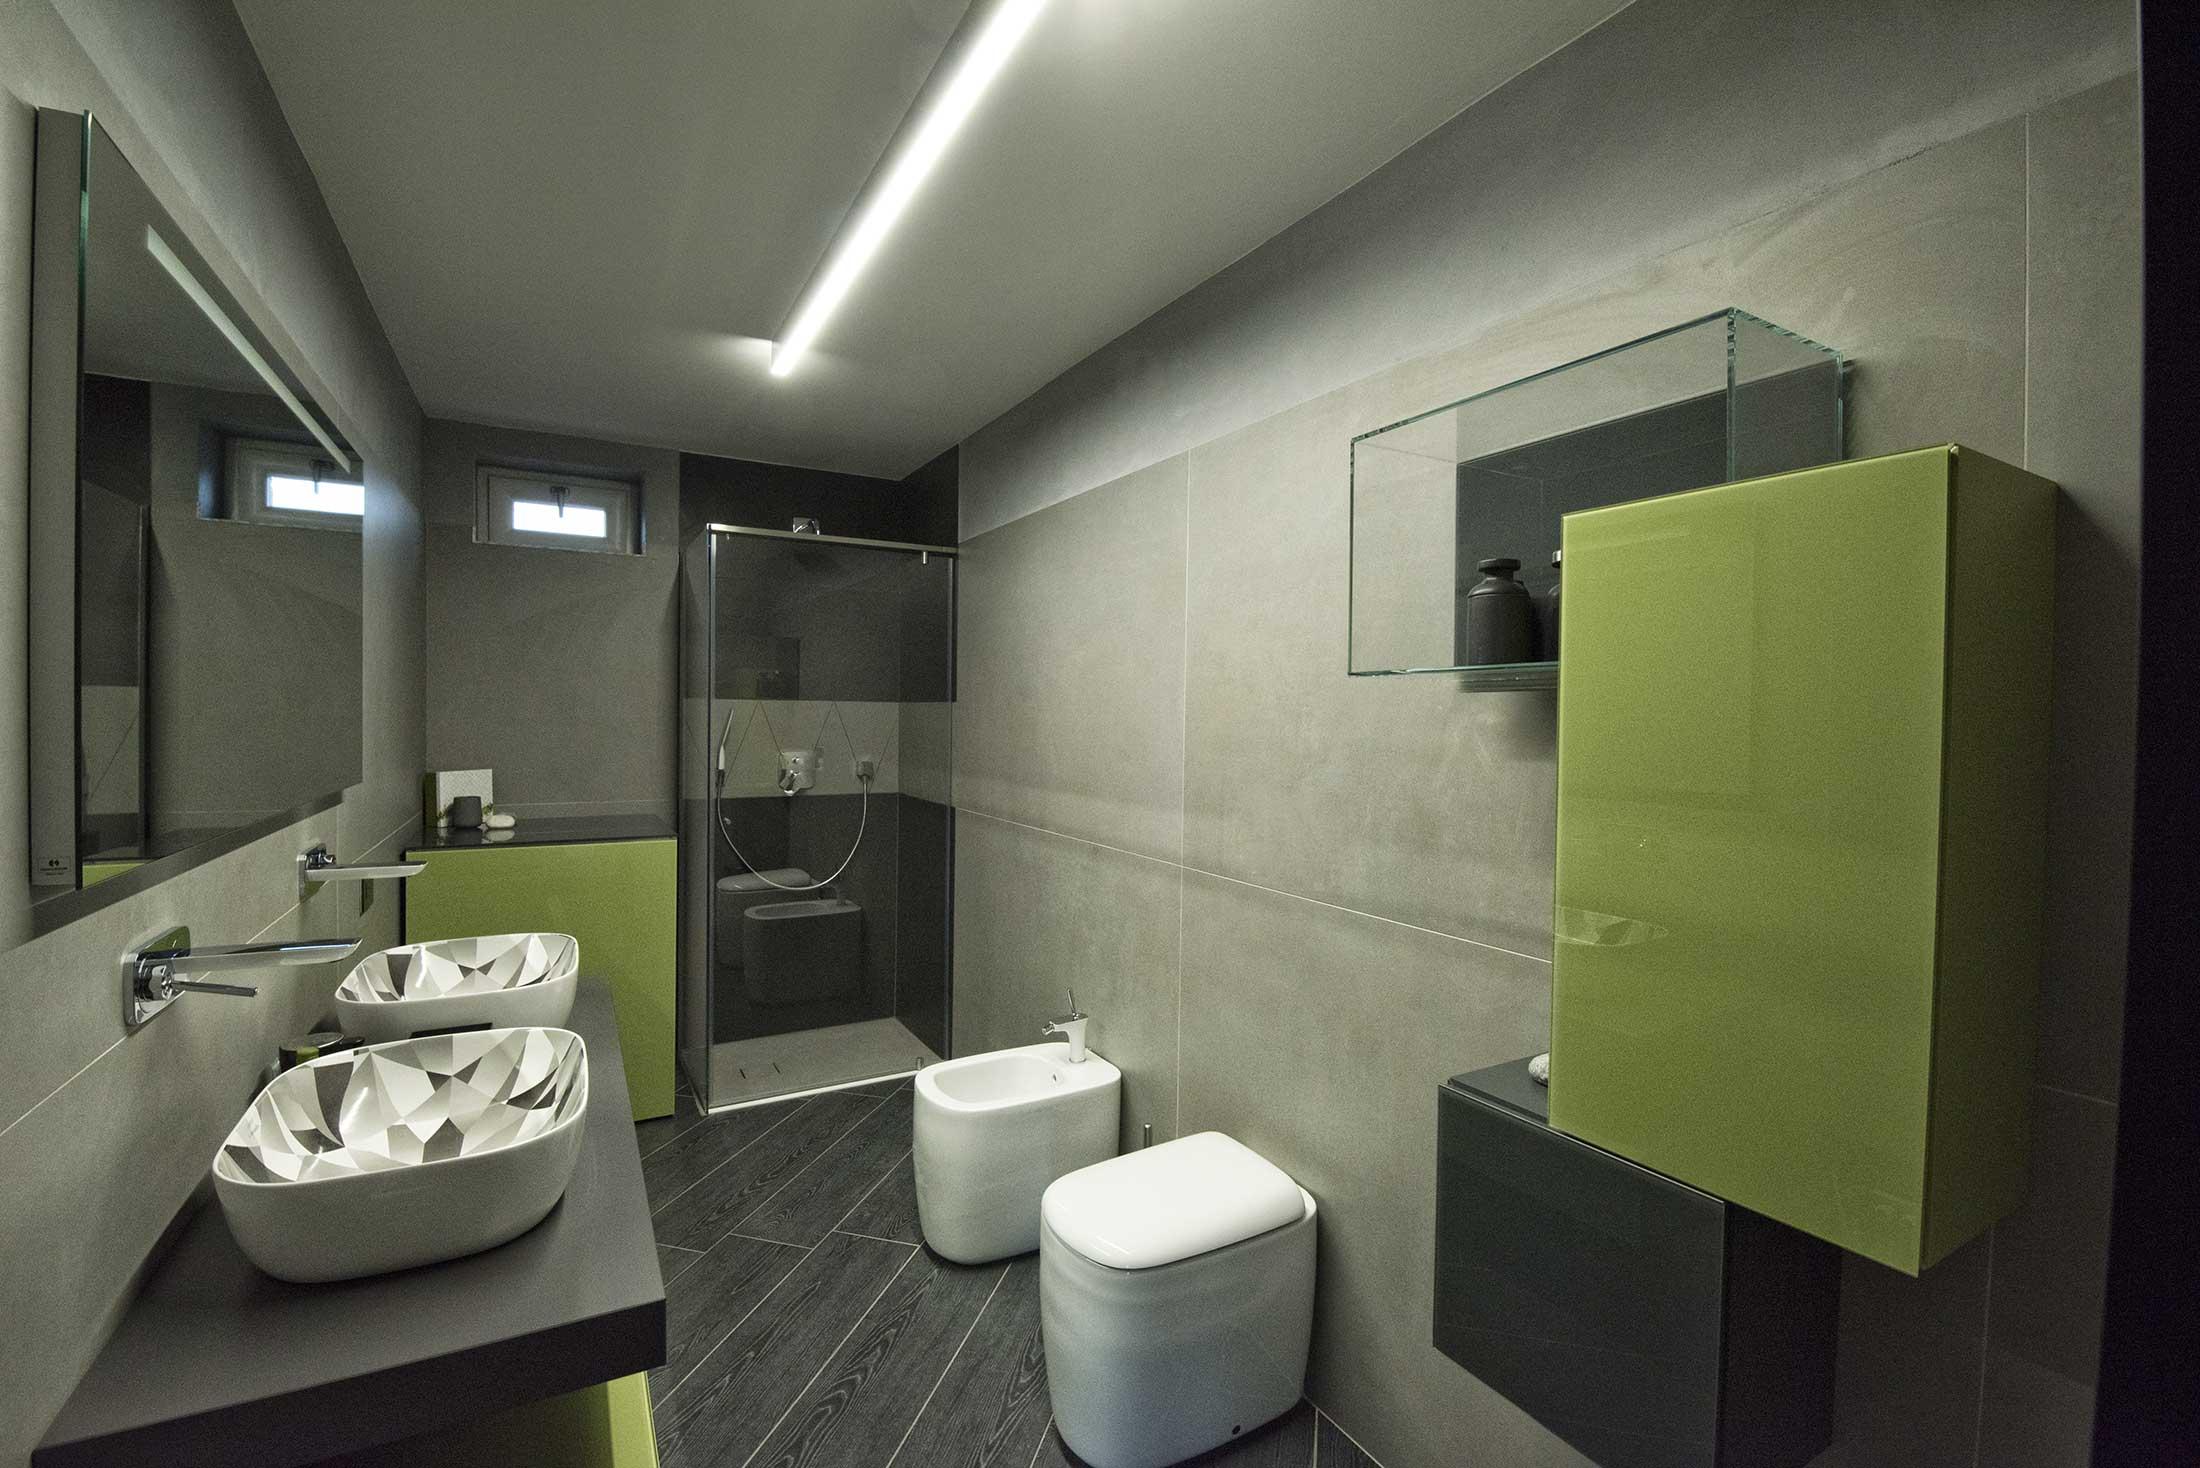 progetti-architettura-design-Formia-Addessi-Design-progettazione (12)